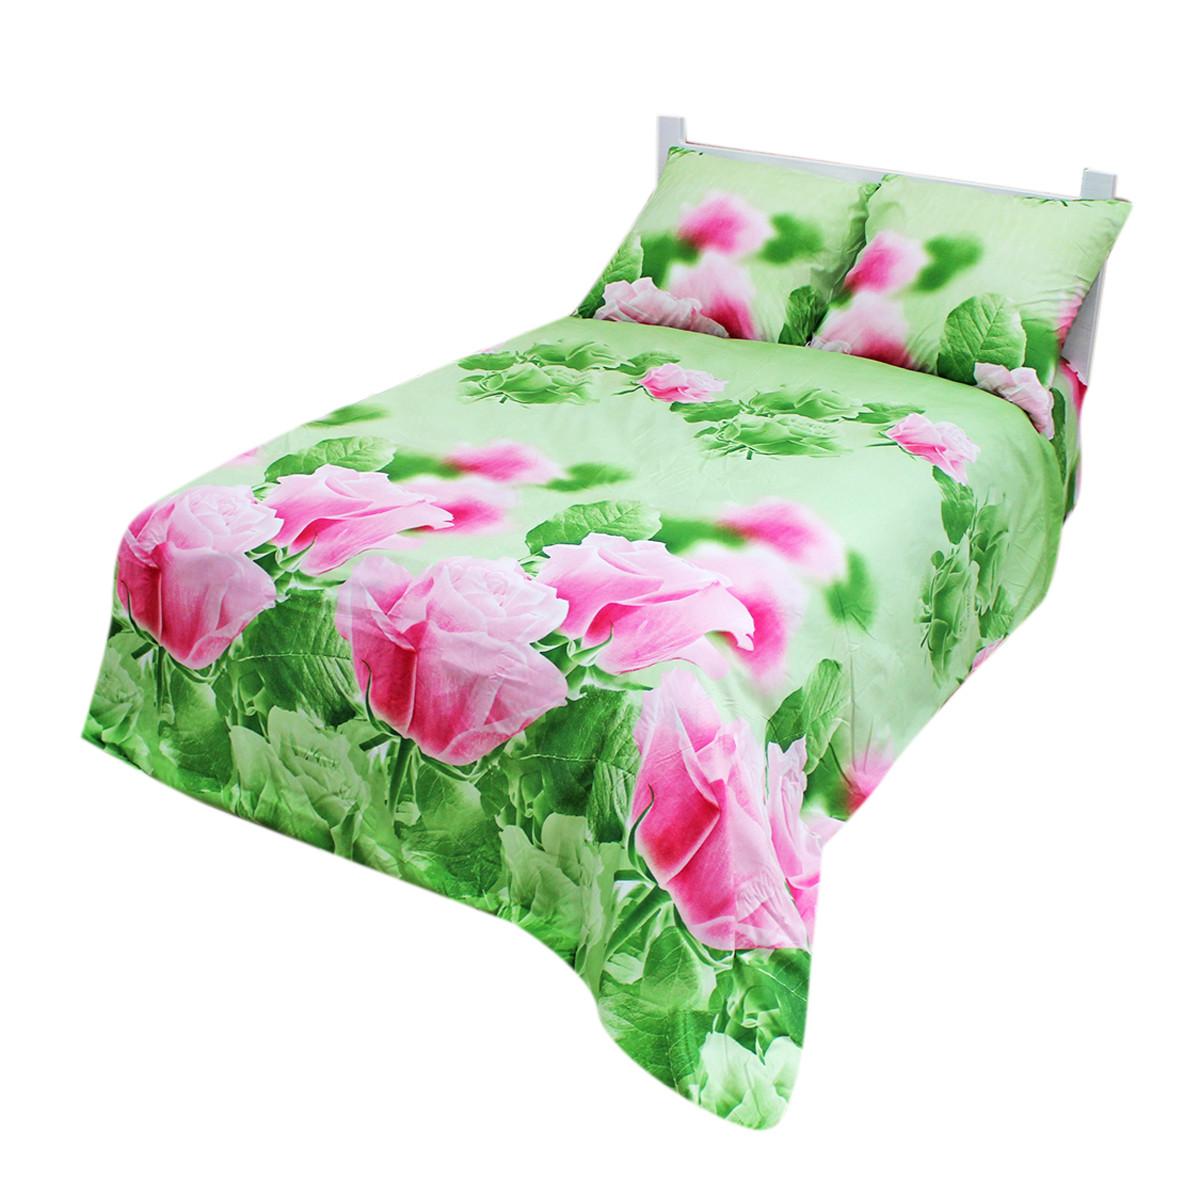 Комплект постельного белья At Home Полуторный 150х215 (PCK_117_0335)